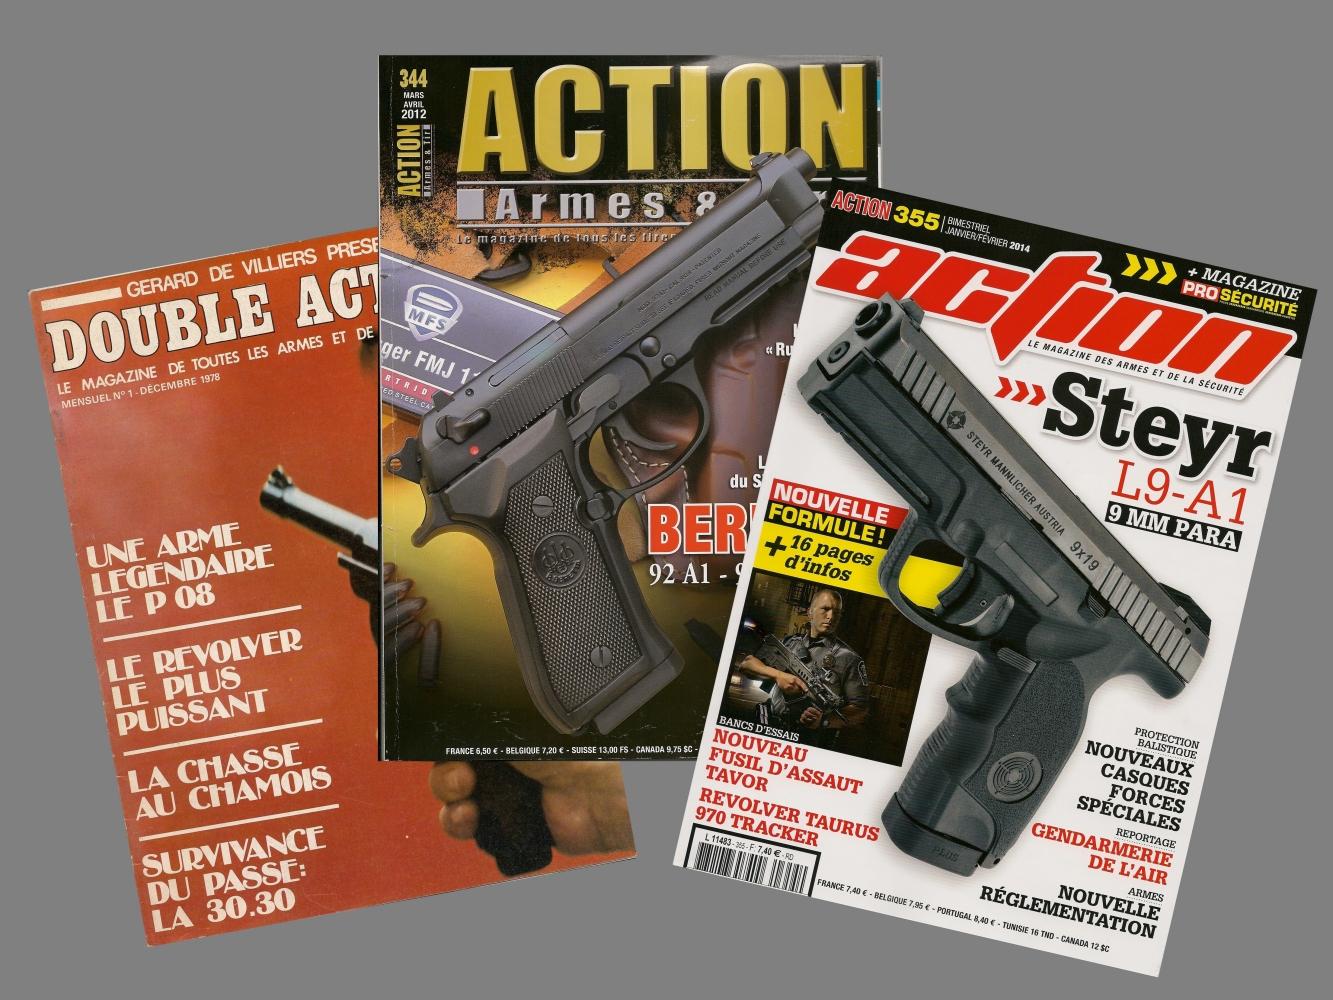 Entre ce numéro 1 du magazine Double Action (à gauche) et le numéro 355 actuellement en kiosque se sont écoulées trente-cinq années, passées au service des tireurs et amateurs d'armes.